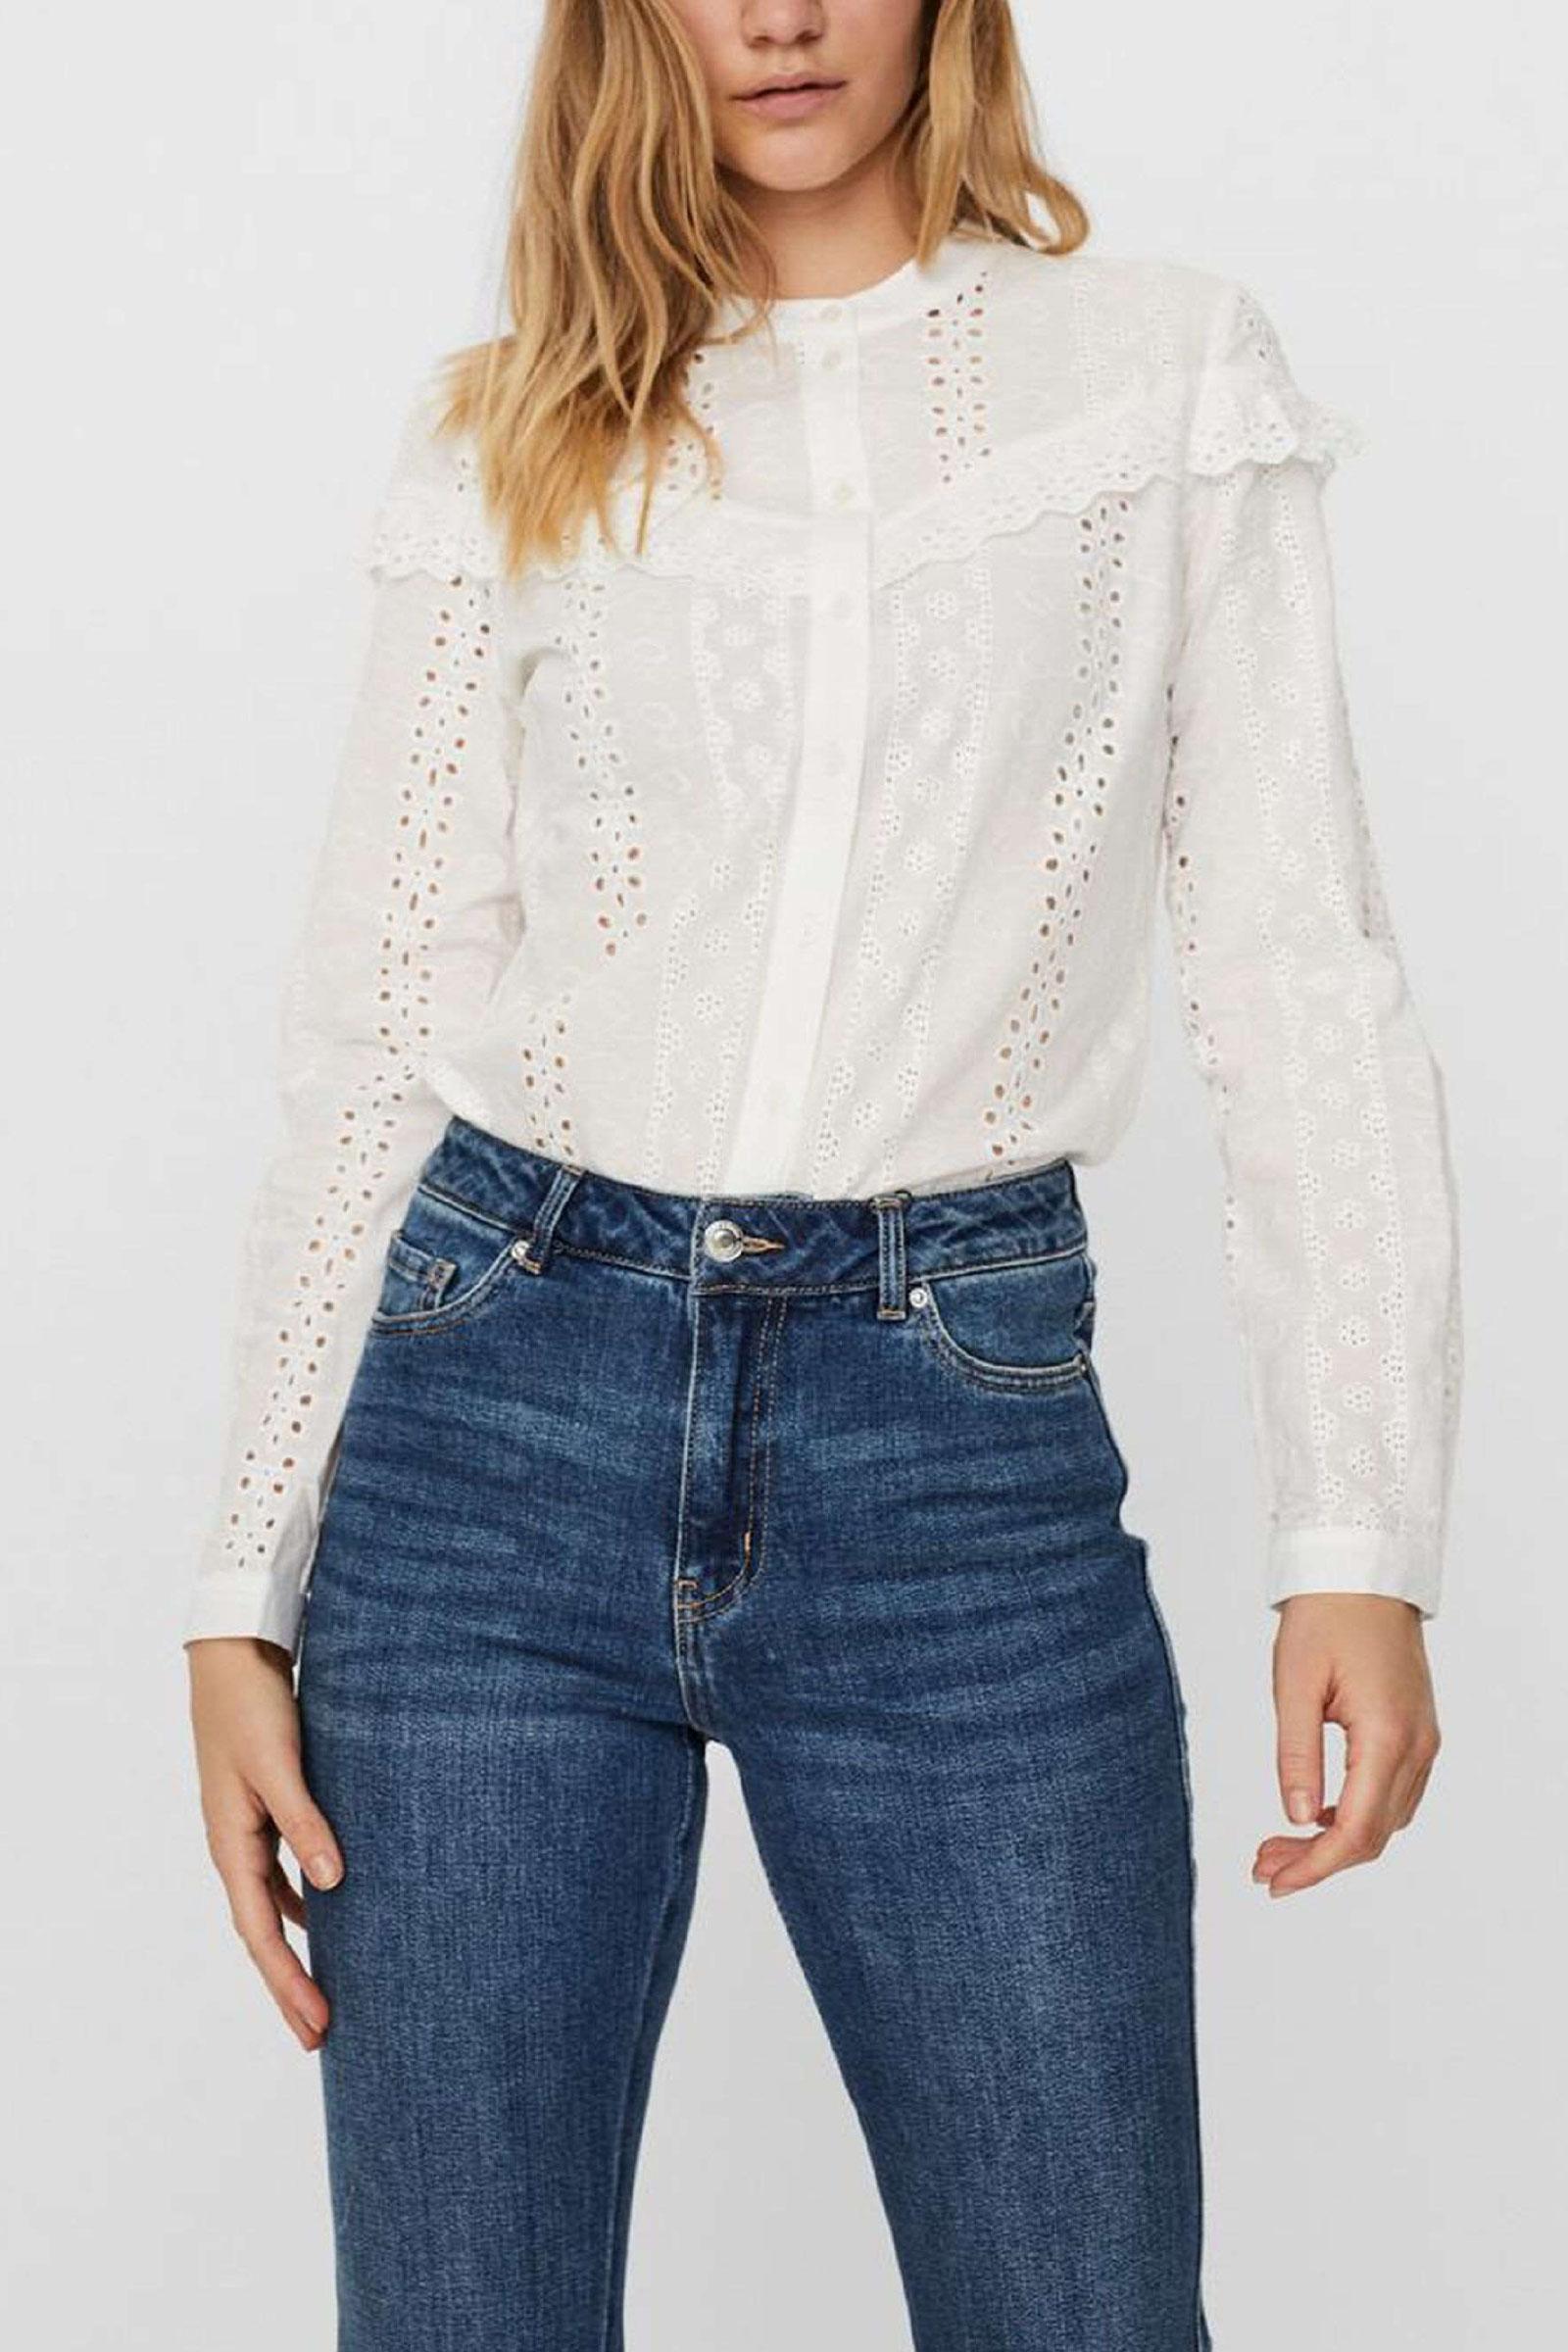 VERO MODA Camicia Donna VERO MODA | Shirt | 10247655Snow White